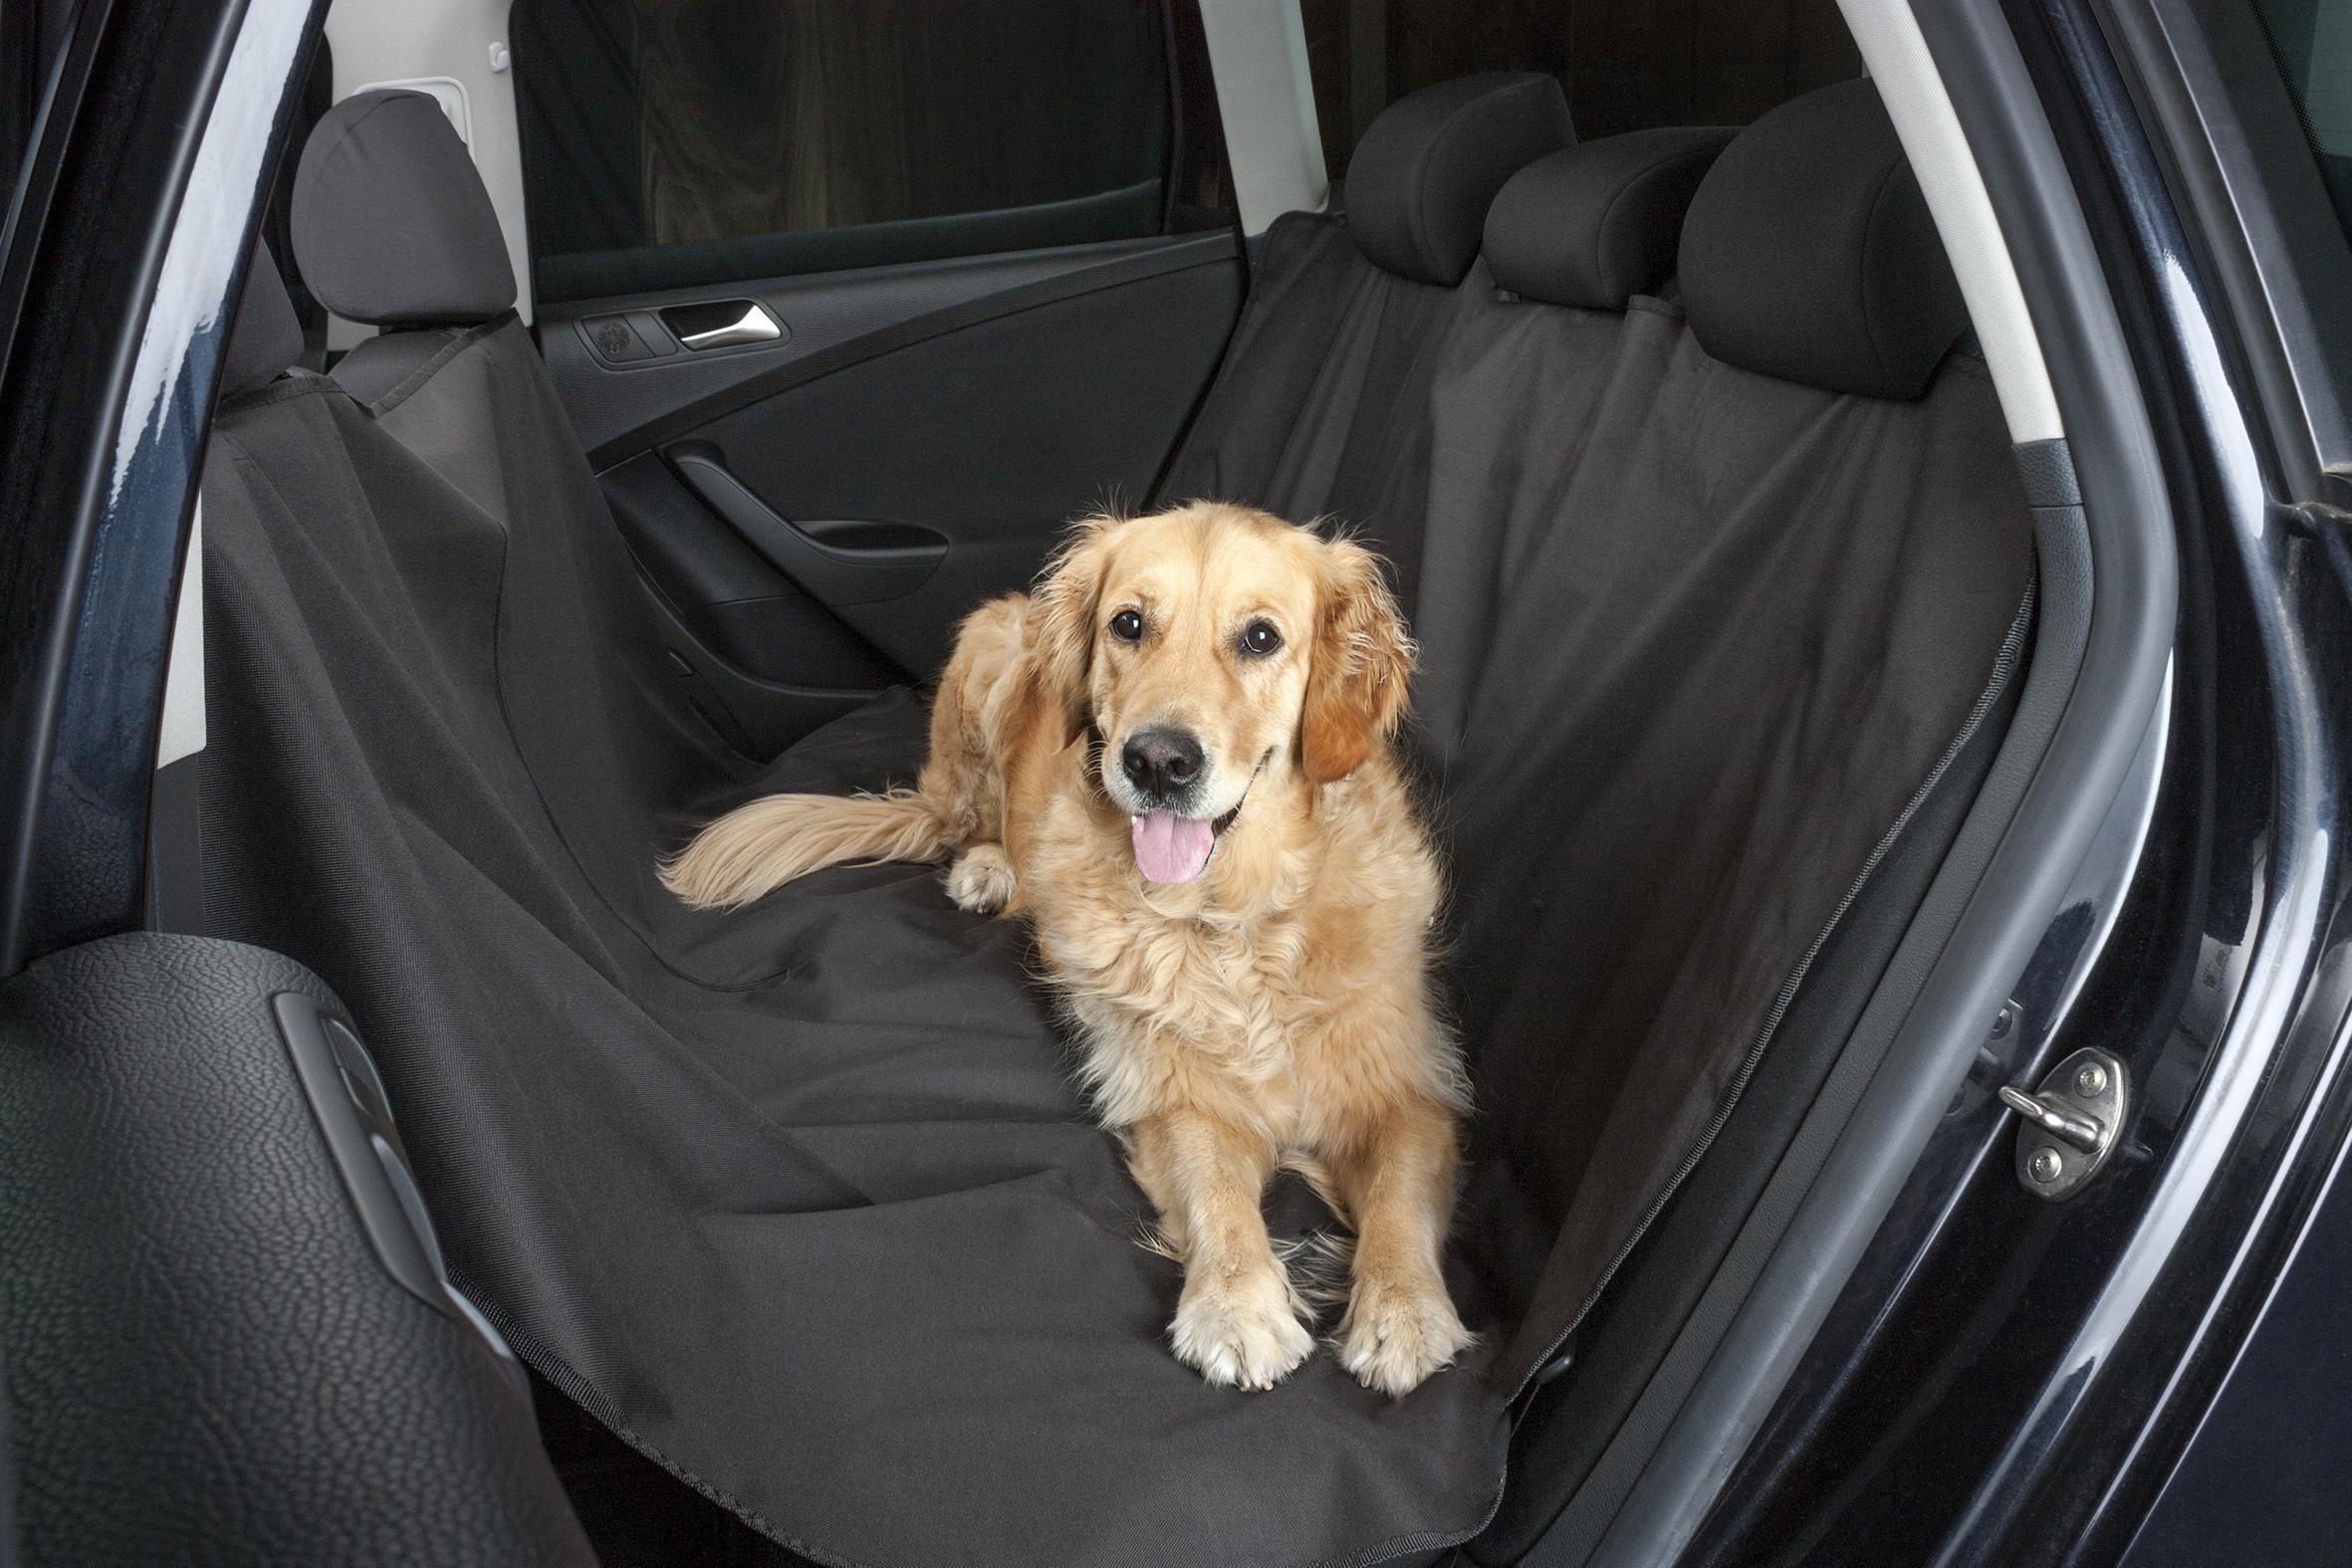 Housse de siège de voiture pour chien 13611 WALSER 13611 originales de qualité